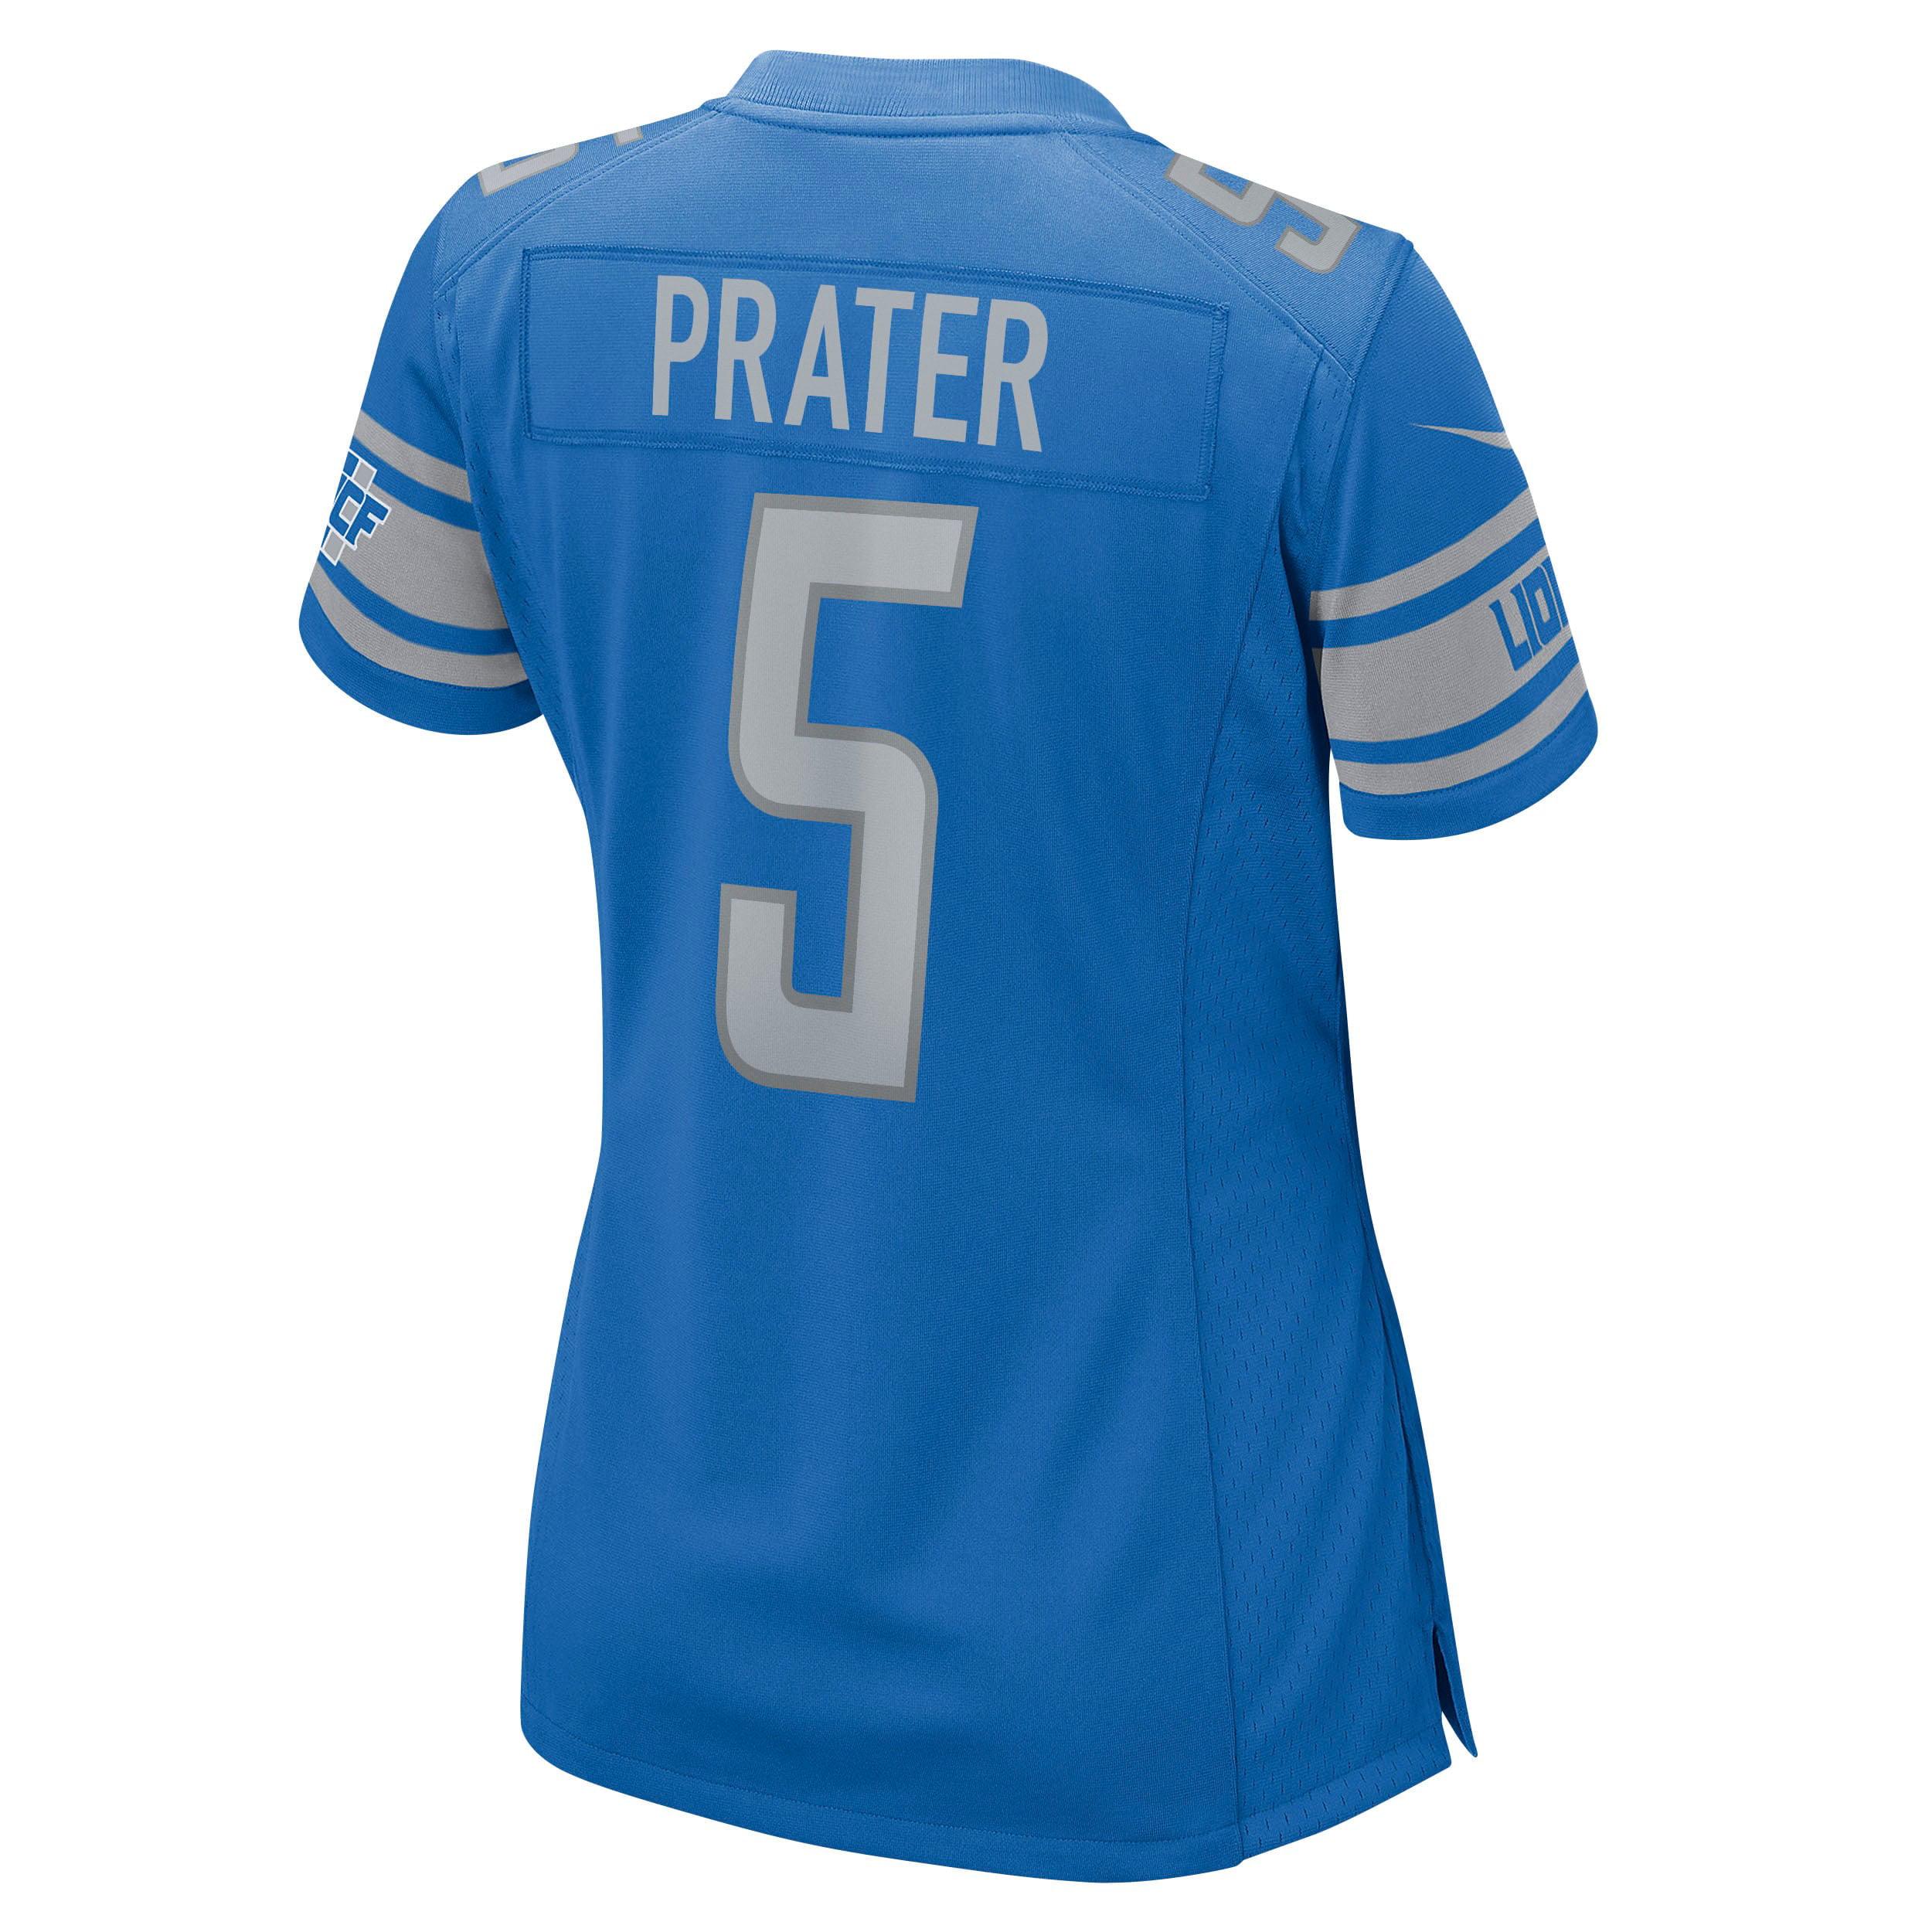 Matt Prater Detroit Lions Nike Women's Game Jersey - Blue